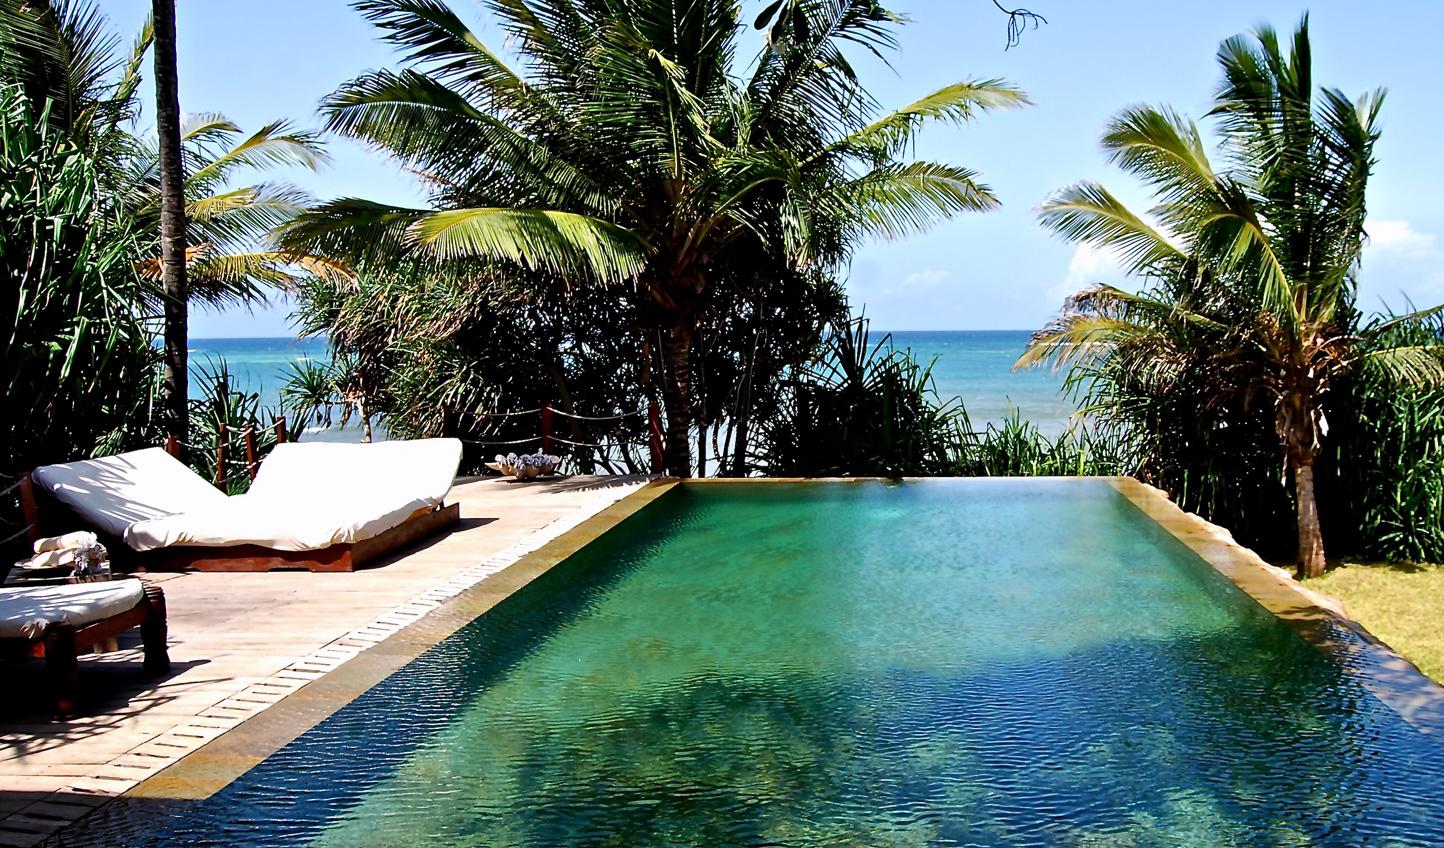 Shades of azure surround the Beach Villa